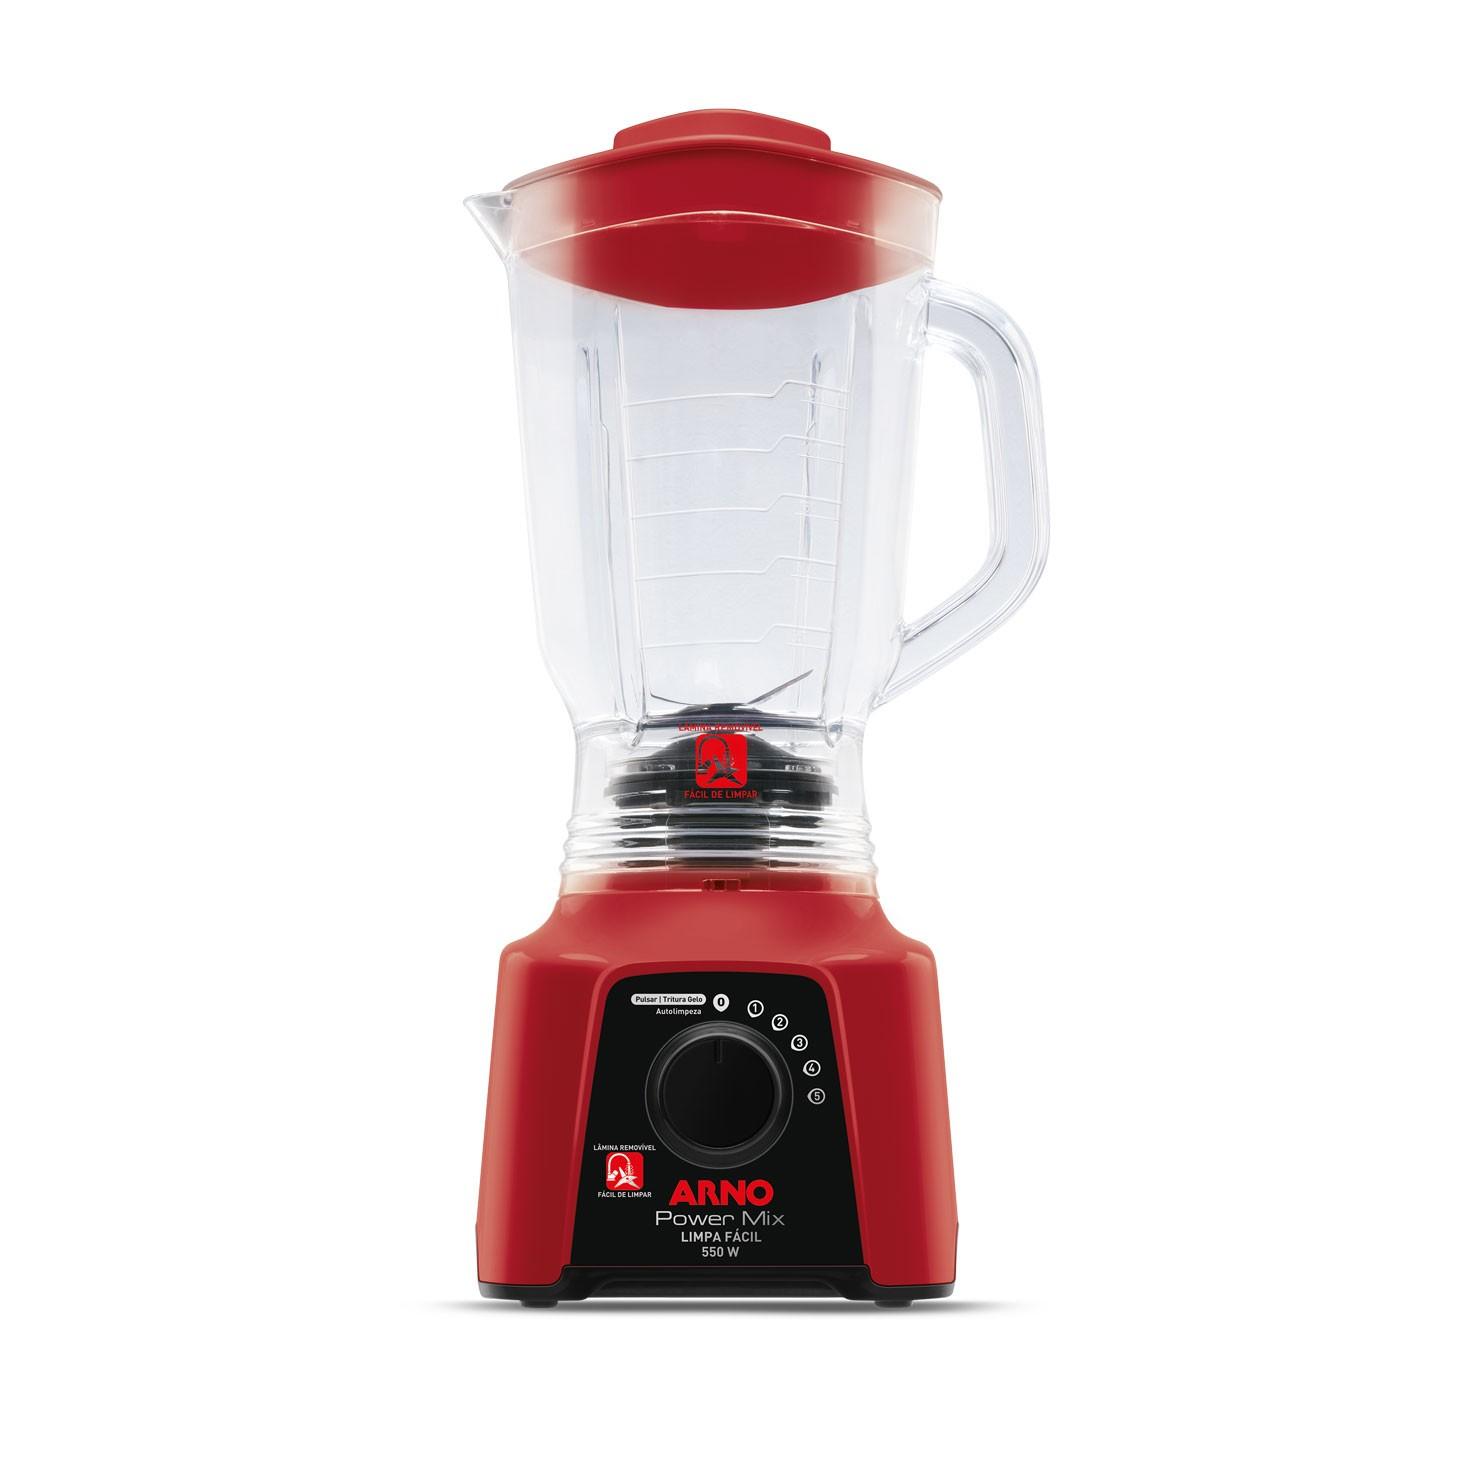 Liquidificador Arno Power Mix Limpa Facil 550w 5 Velocidades 220V Vermelho - LN2865B2